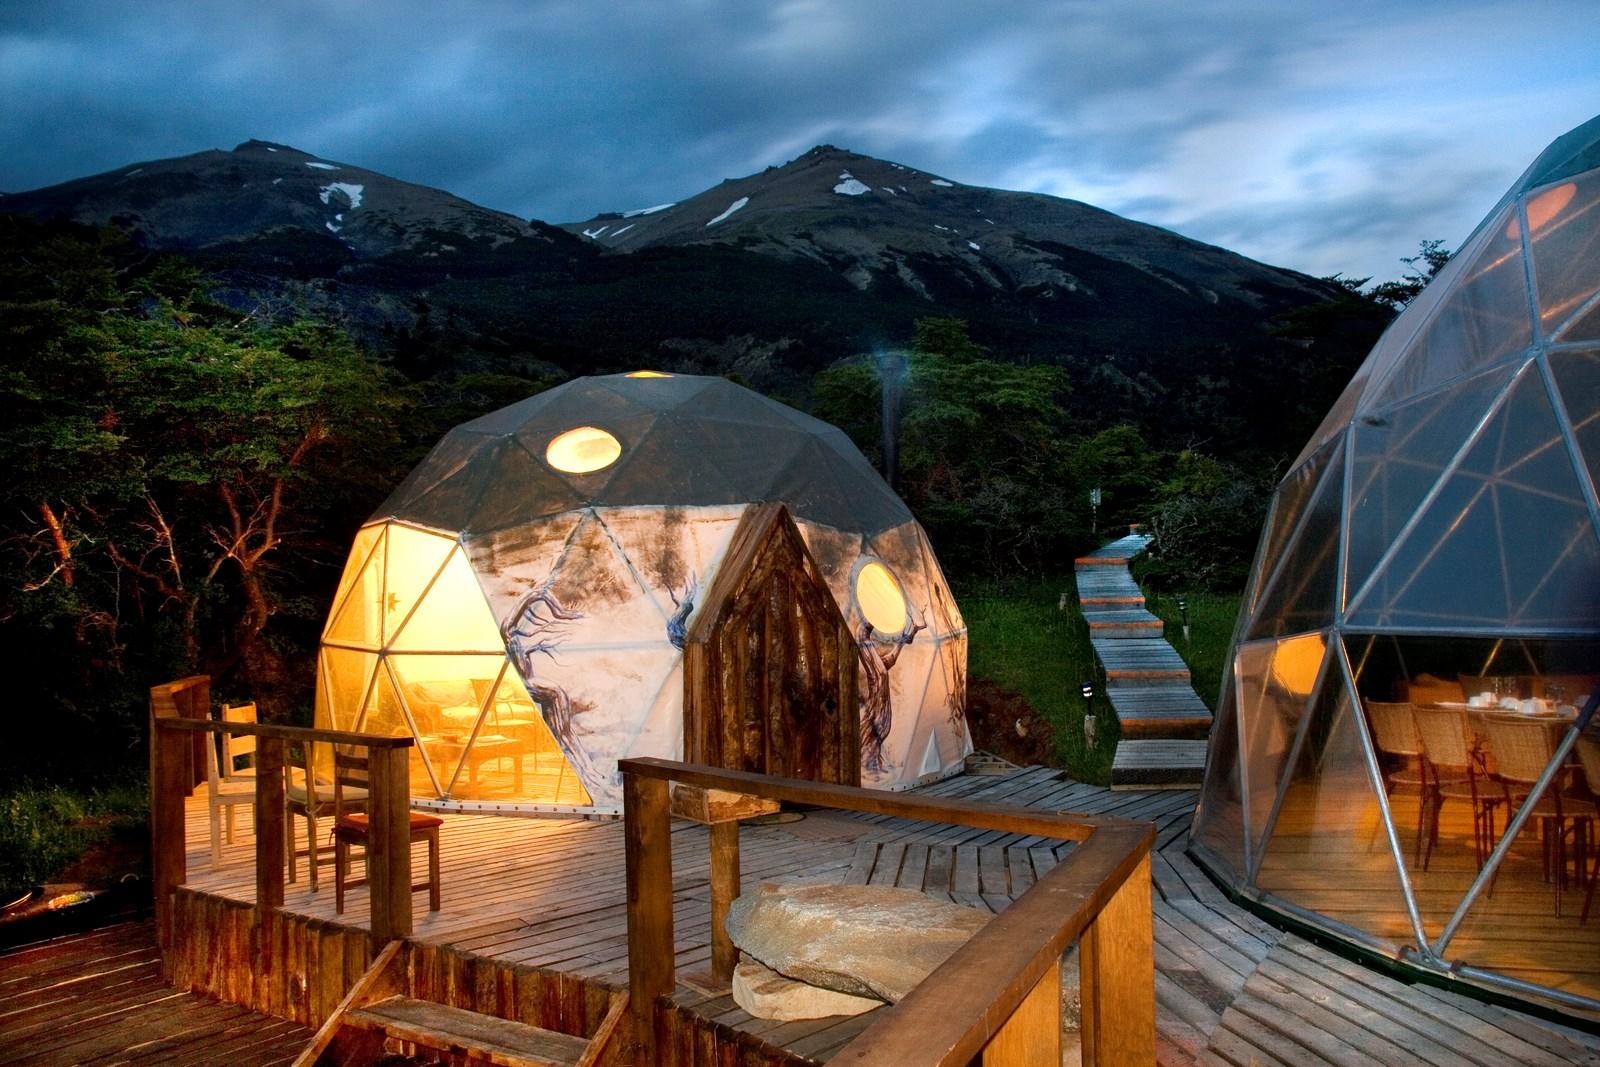 En el corazón del Parque Nacional Torres del Paine en Chile, el hotel Ecocamp Patagonia ofrece una experiencia de hospedaje en contacto con la naturaleza y atravesada por imponentes vistas y paisajes.